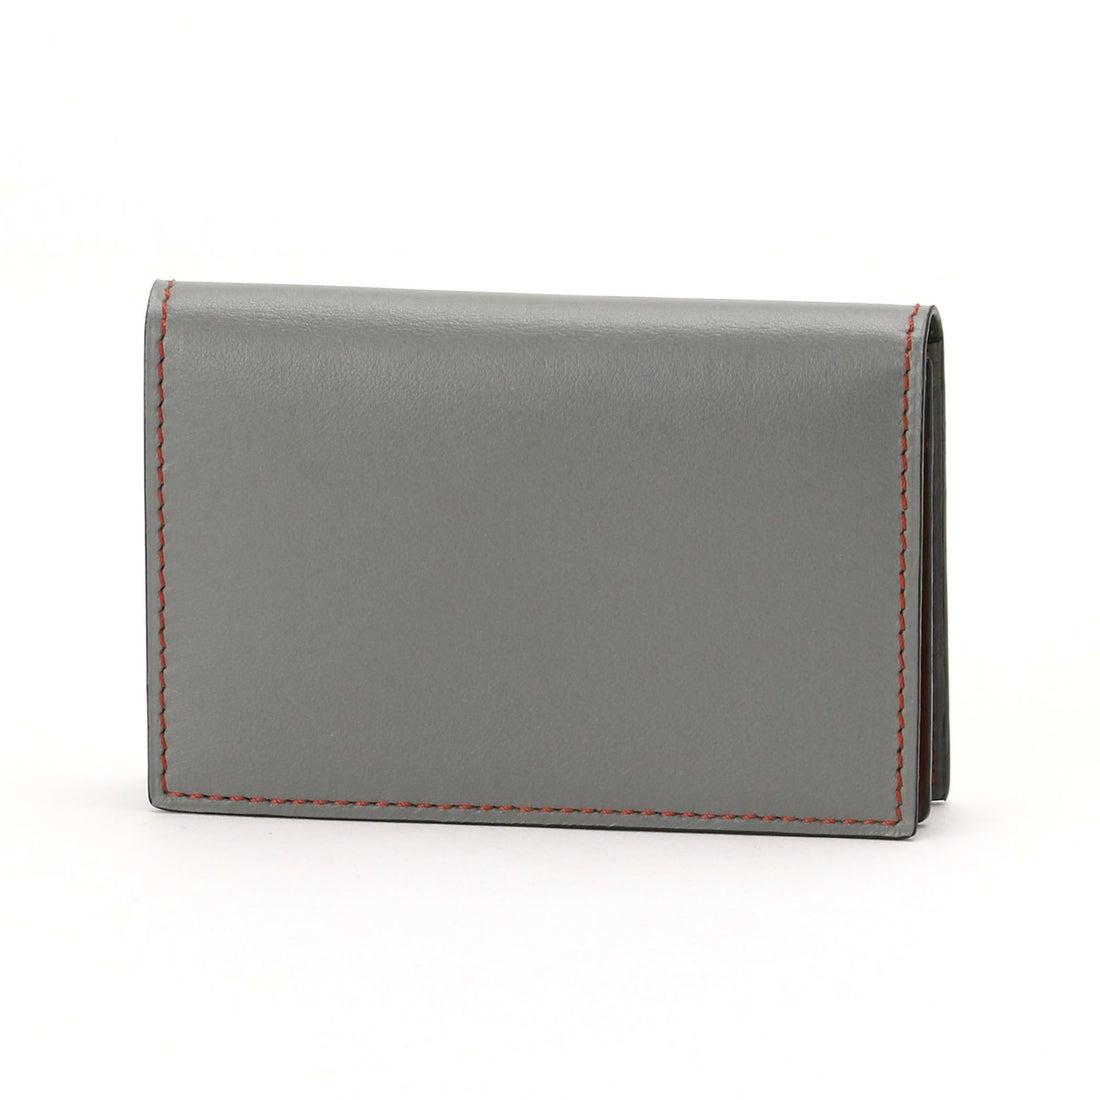 ムッシュ ニコル MONSIEUR NICOLE 配色2つ折りカードケース (29グレー)